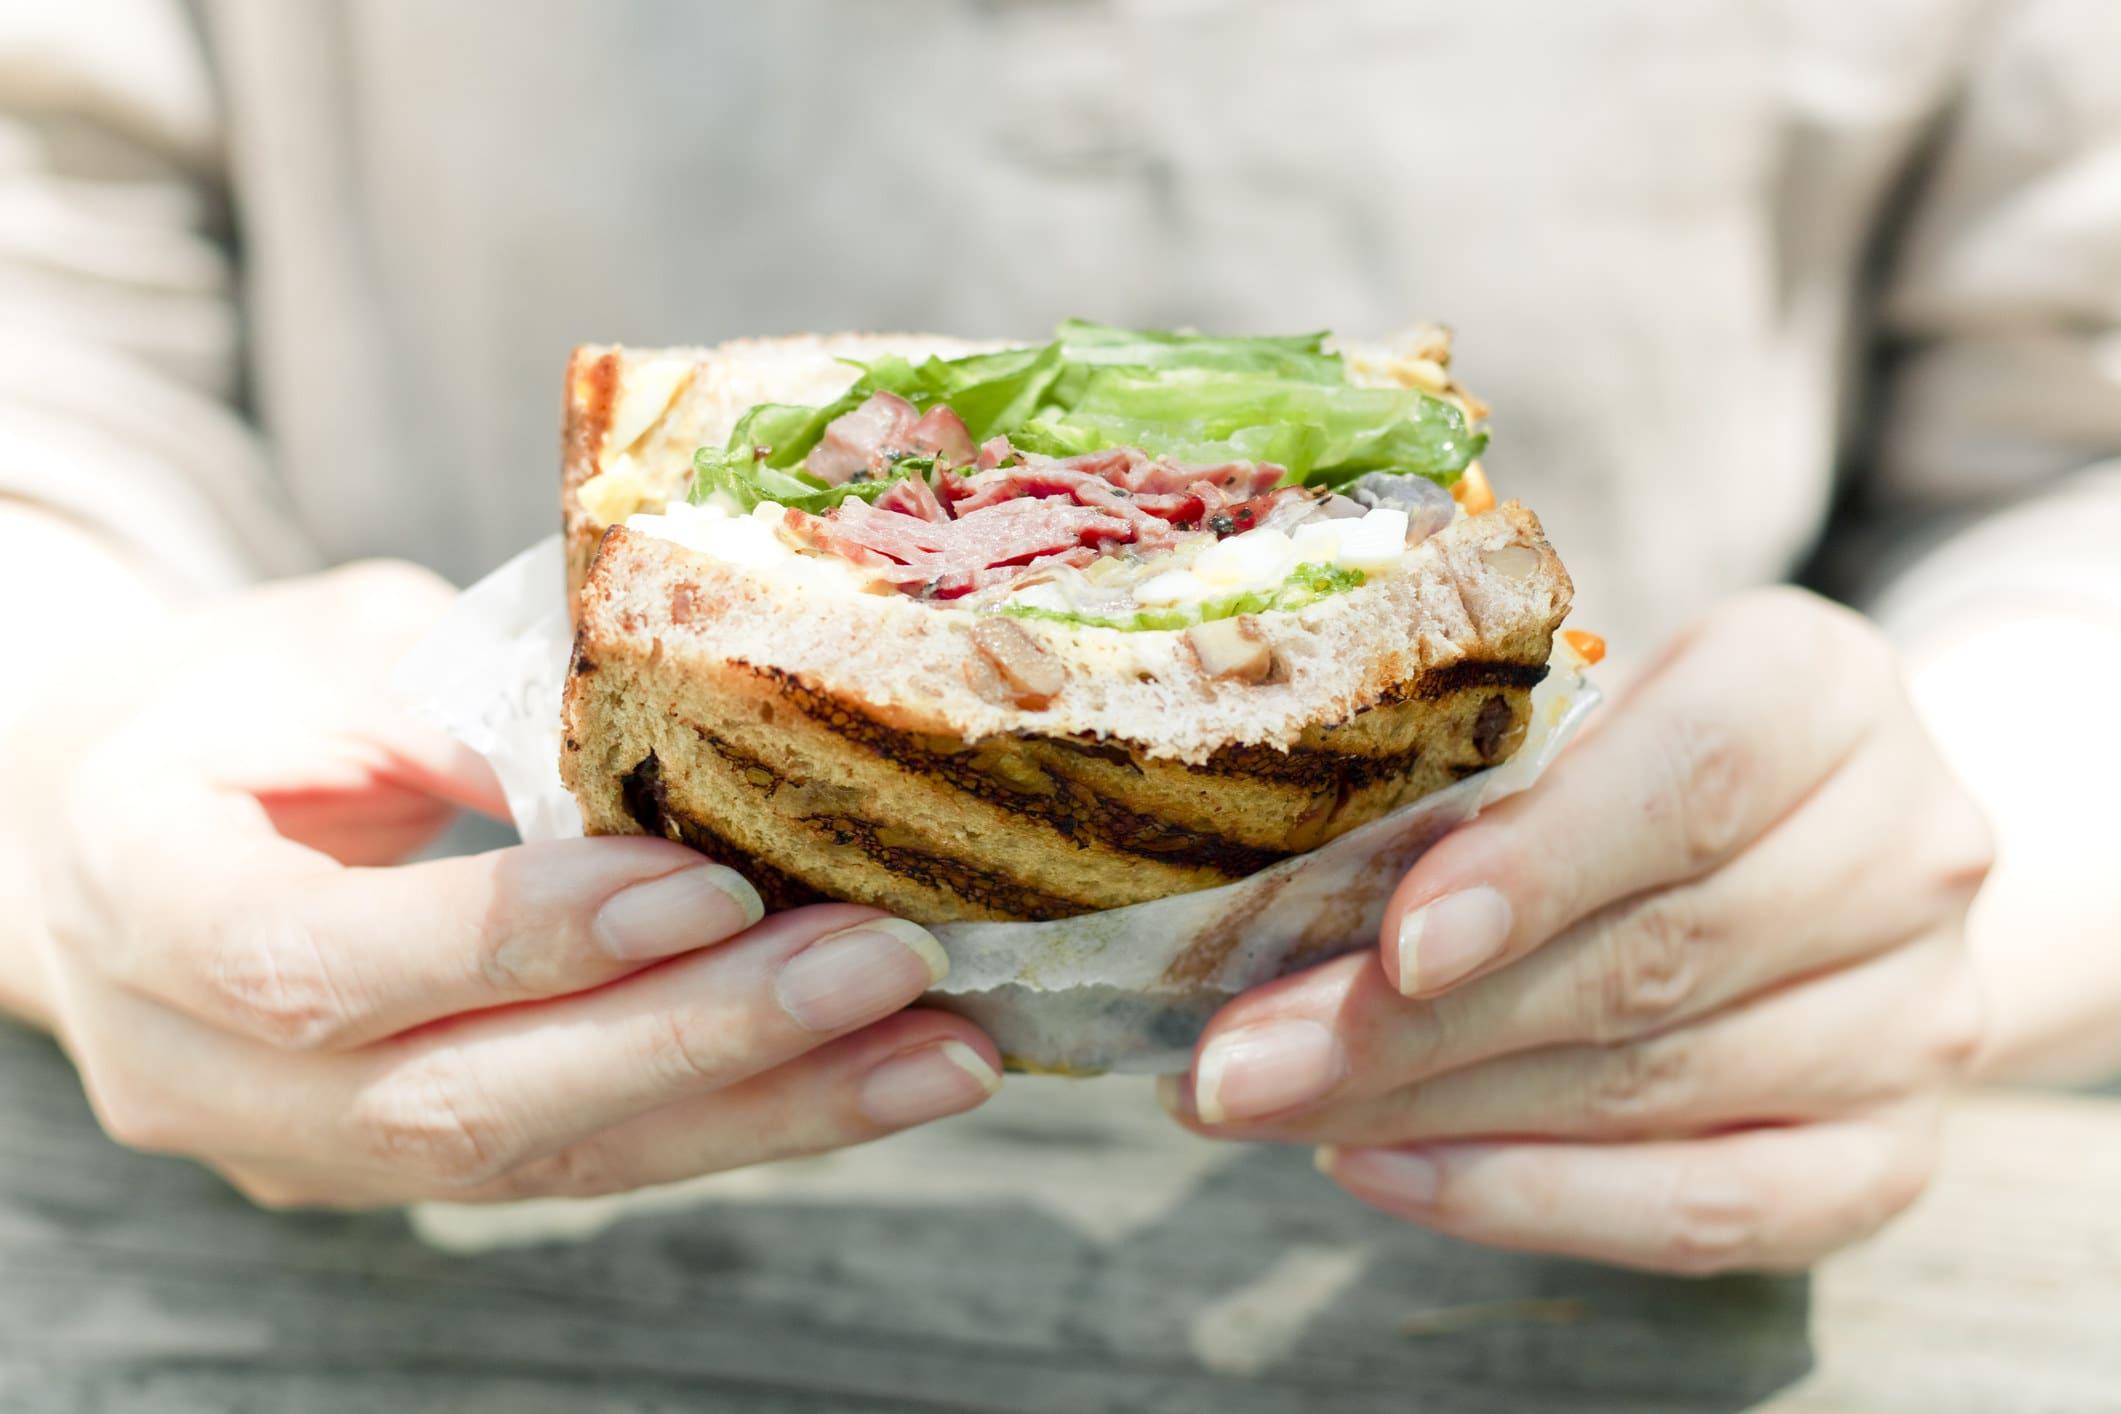 uma pessoa segurando um sanduíche prestes a comê-lo